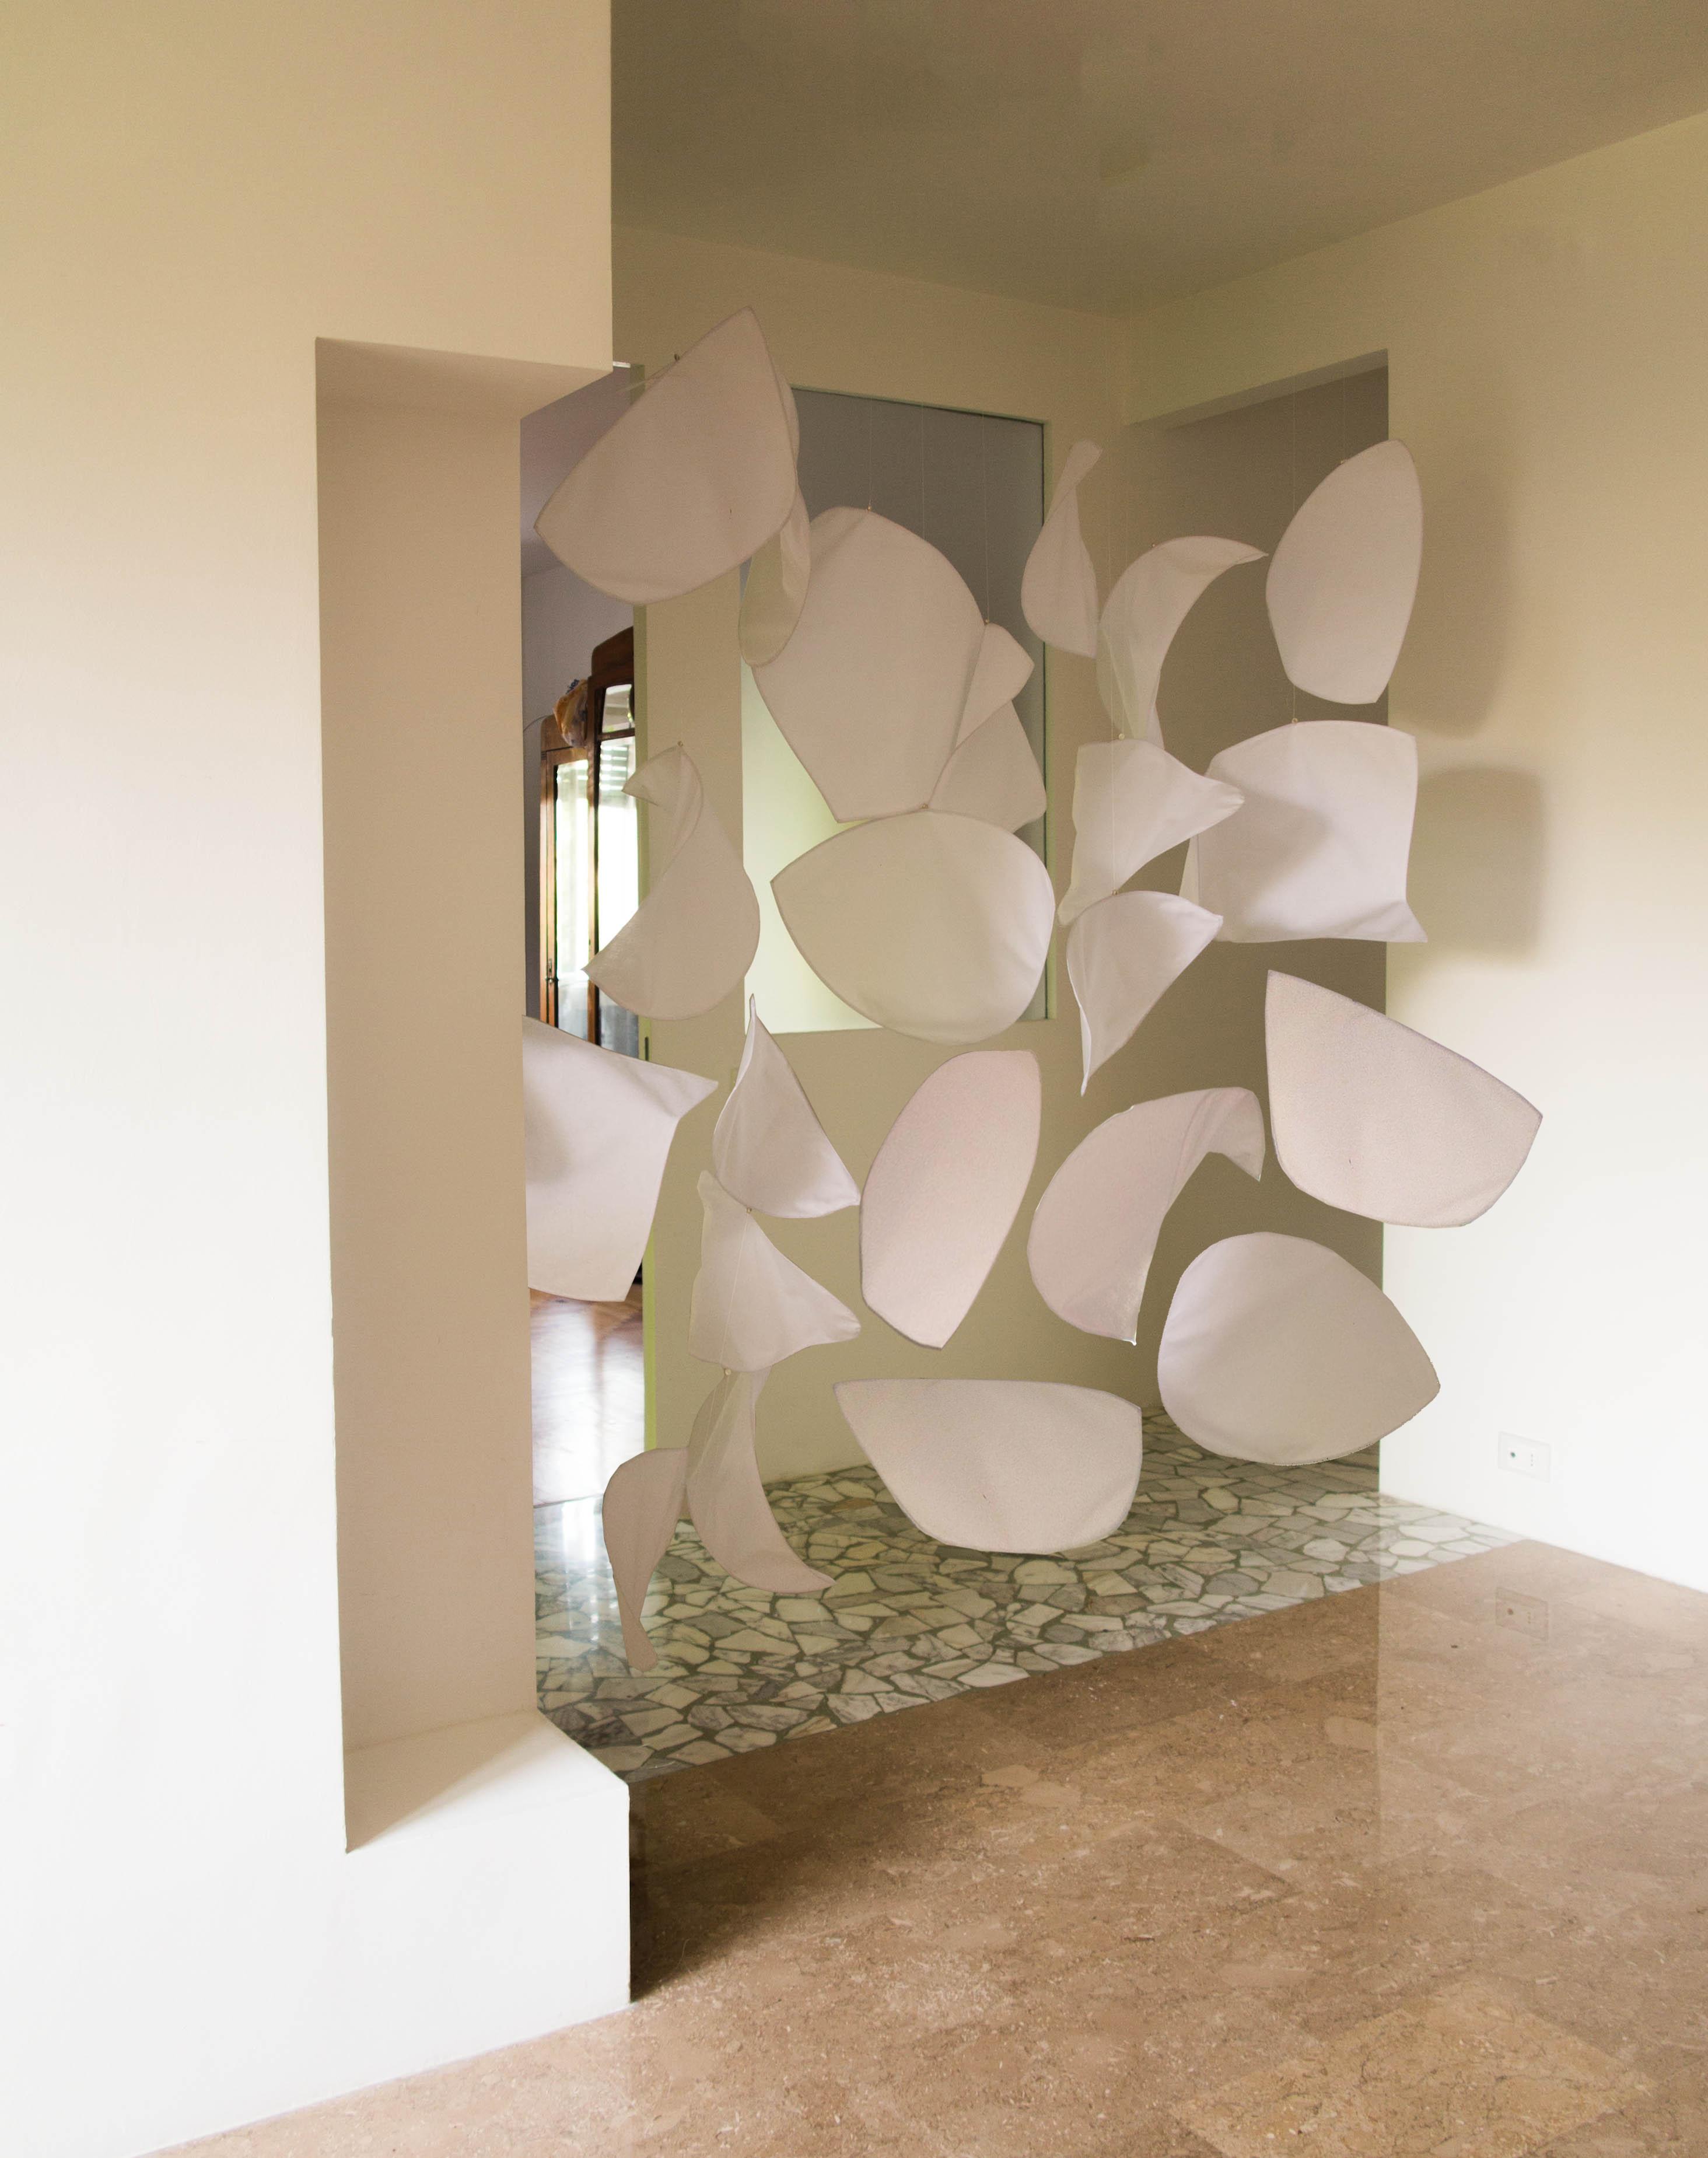 Gocce di luce architetto cristina rampazzo for Mobile divisorio